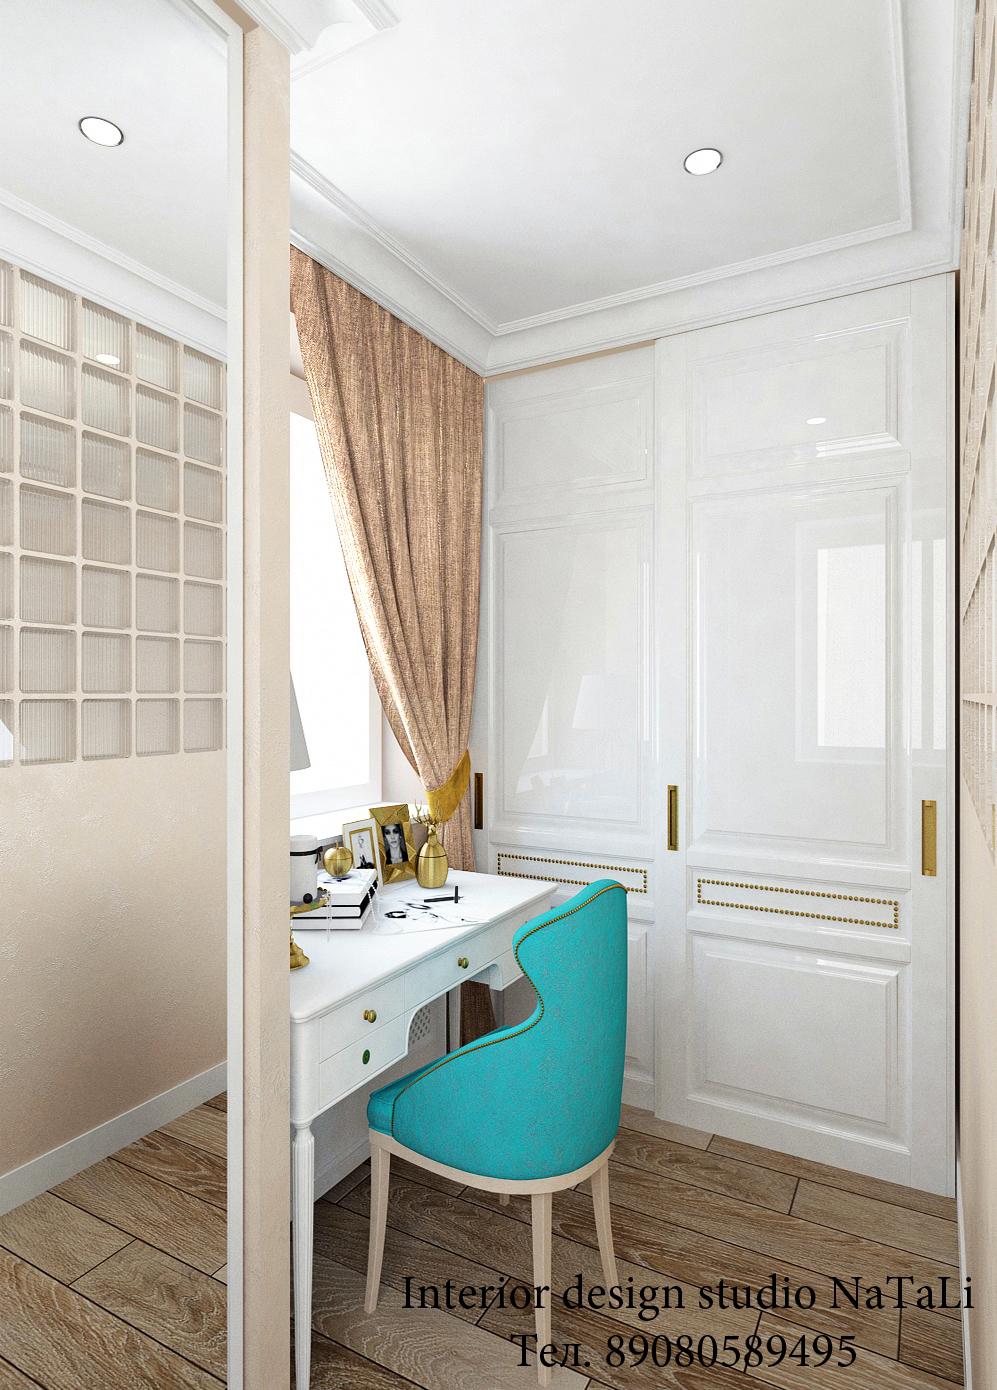 Дизайн интерьера спальной комнаты в бирюзовом цвете